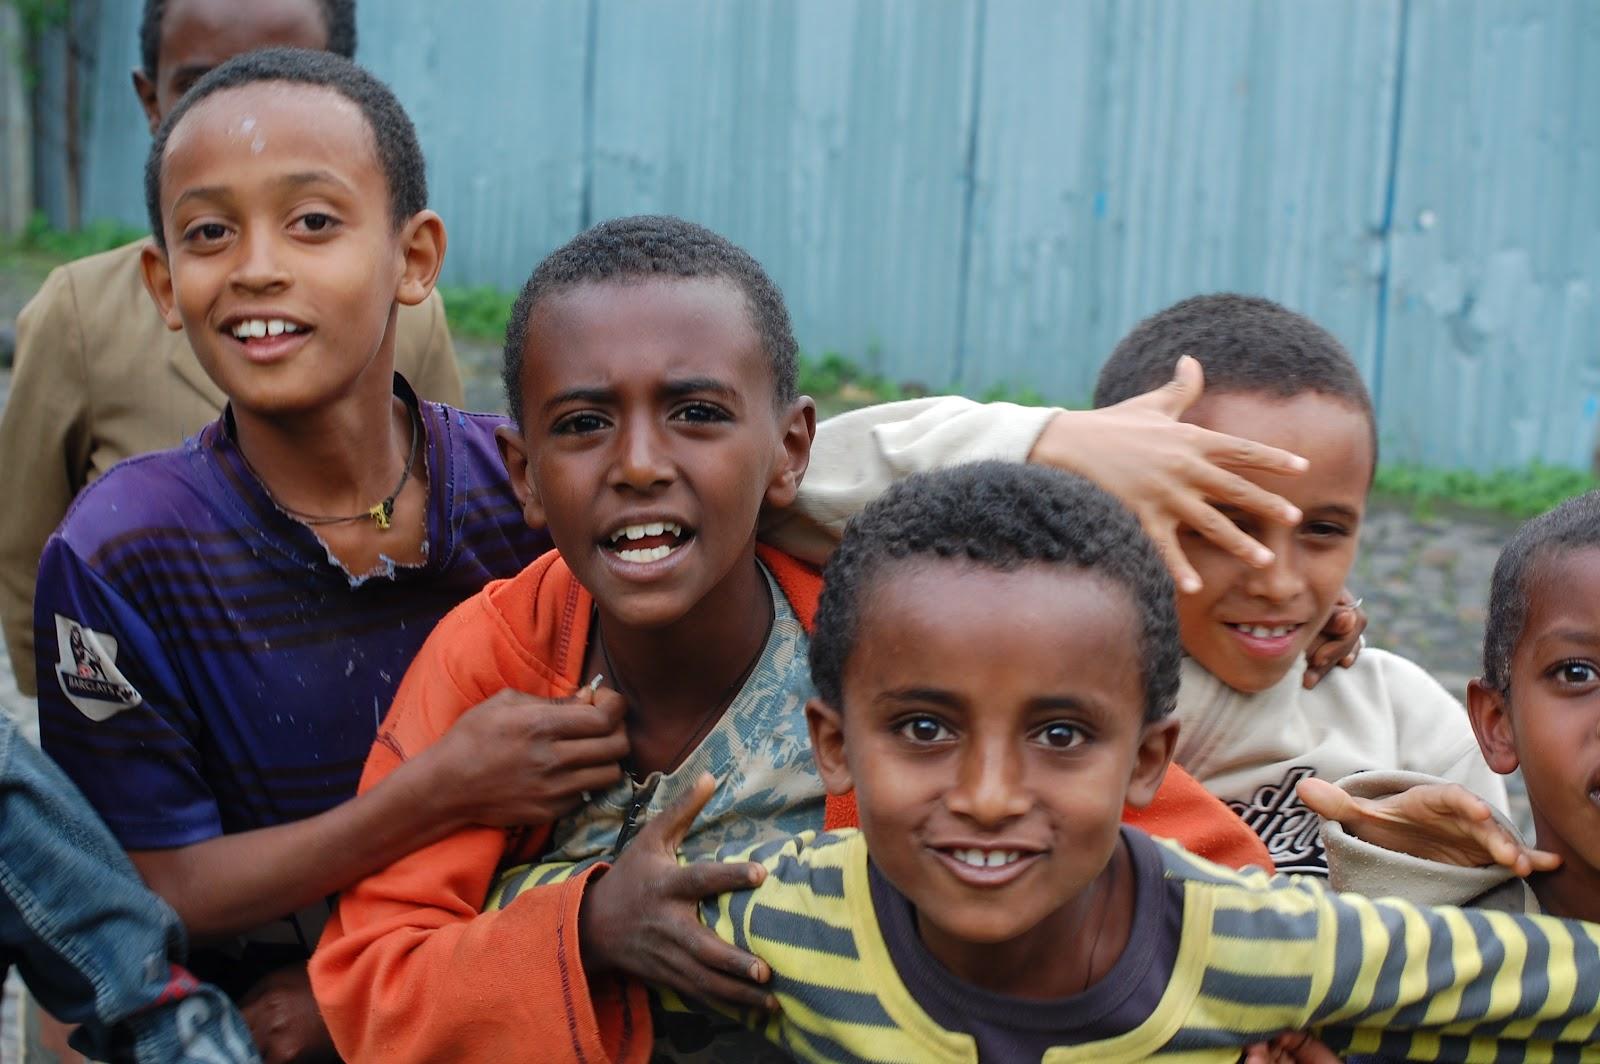 L'Éthiopie vient d'interdire les adoptions aux étrangers